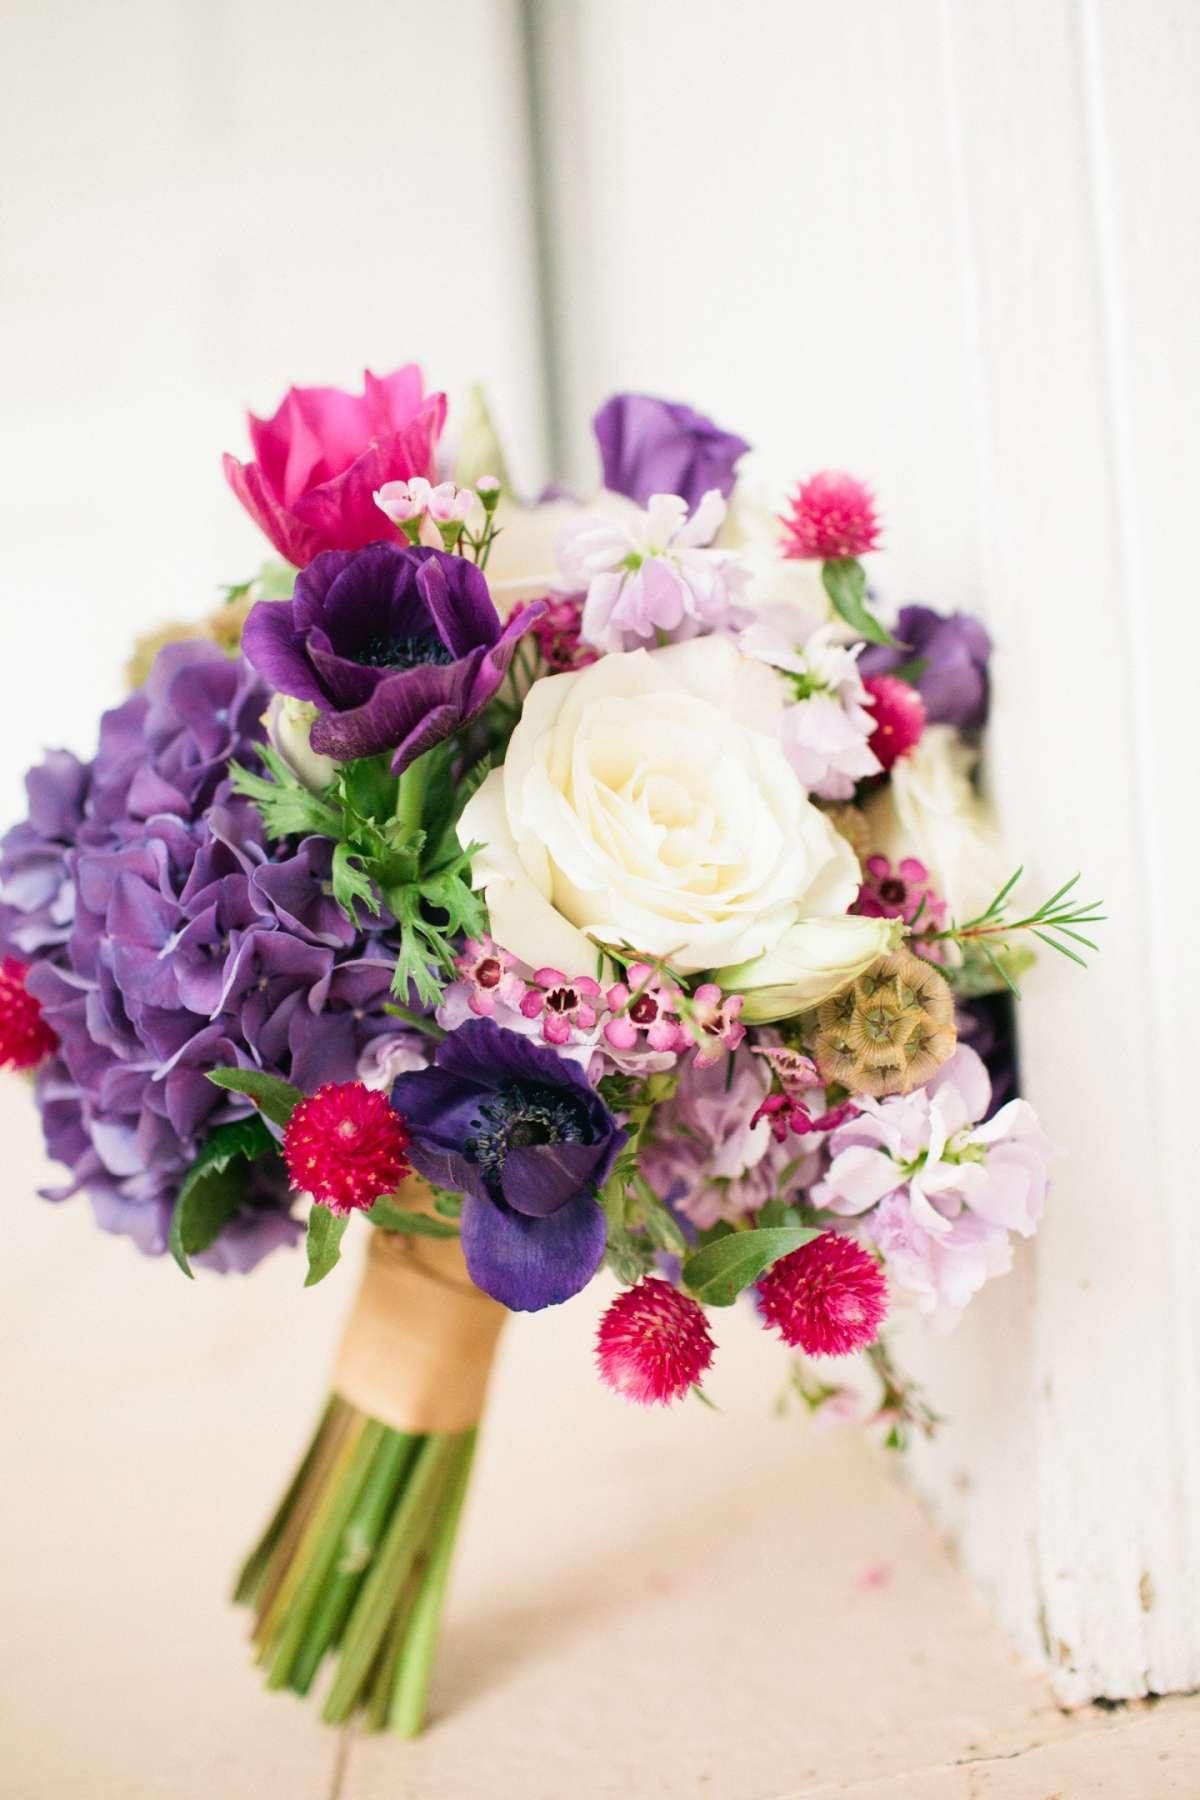 Bouquet Sposa Estivo.Bouquet Sposa Estivi Consigli Per La Scelta Foto Pourfemme